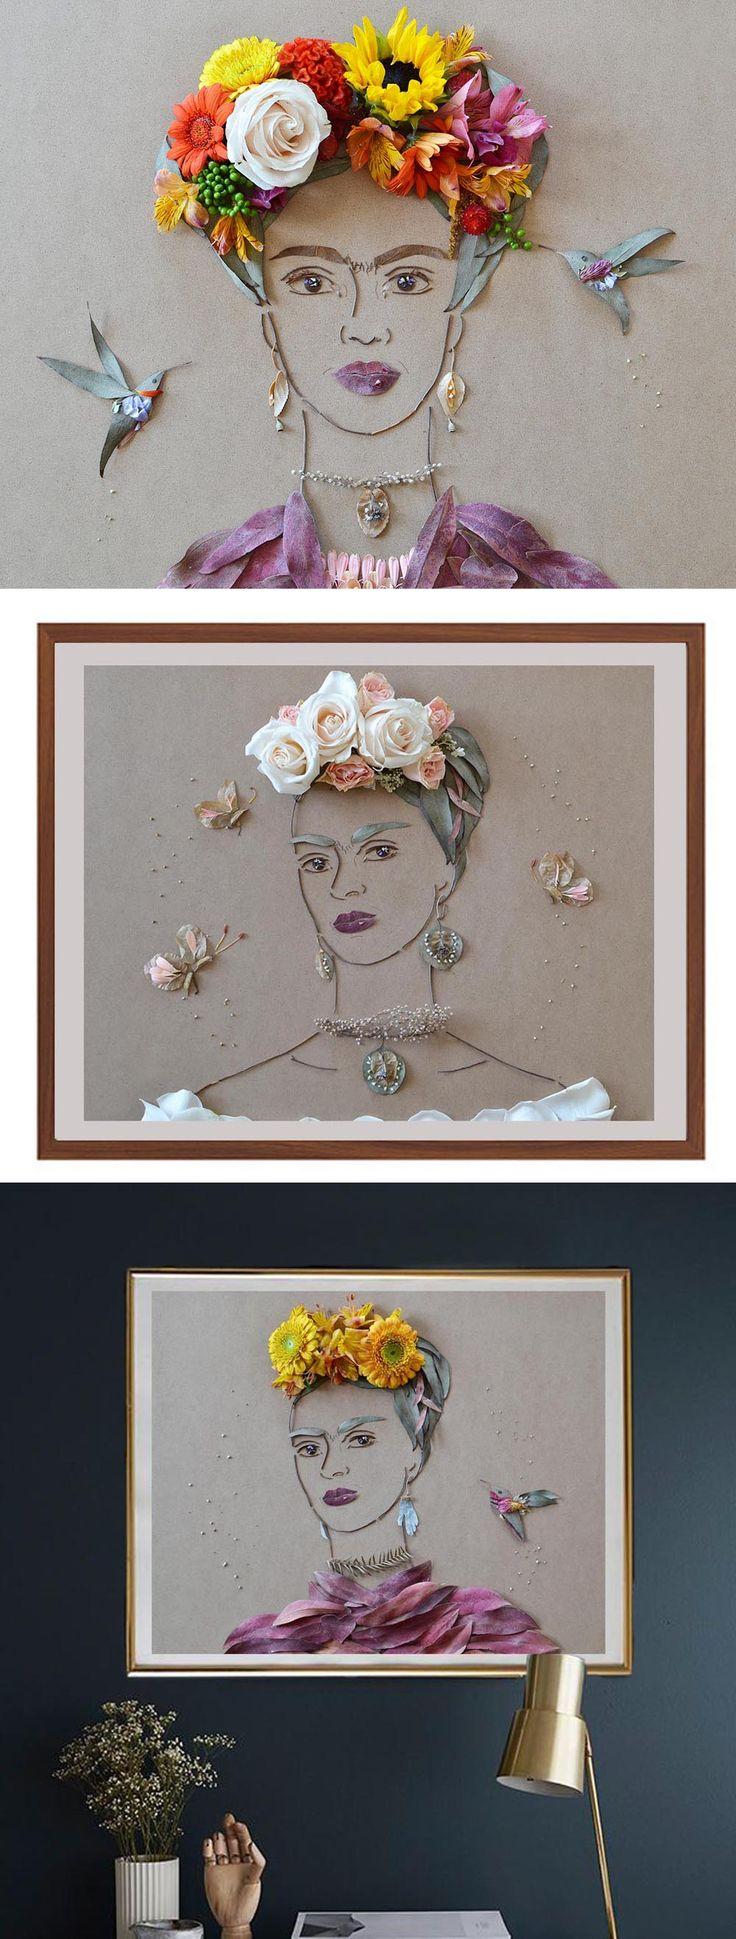 Poner las flores y dibujar solo las cejas. Para el cuarto de Frida